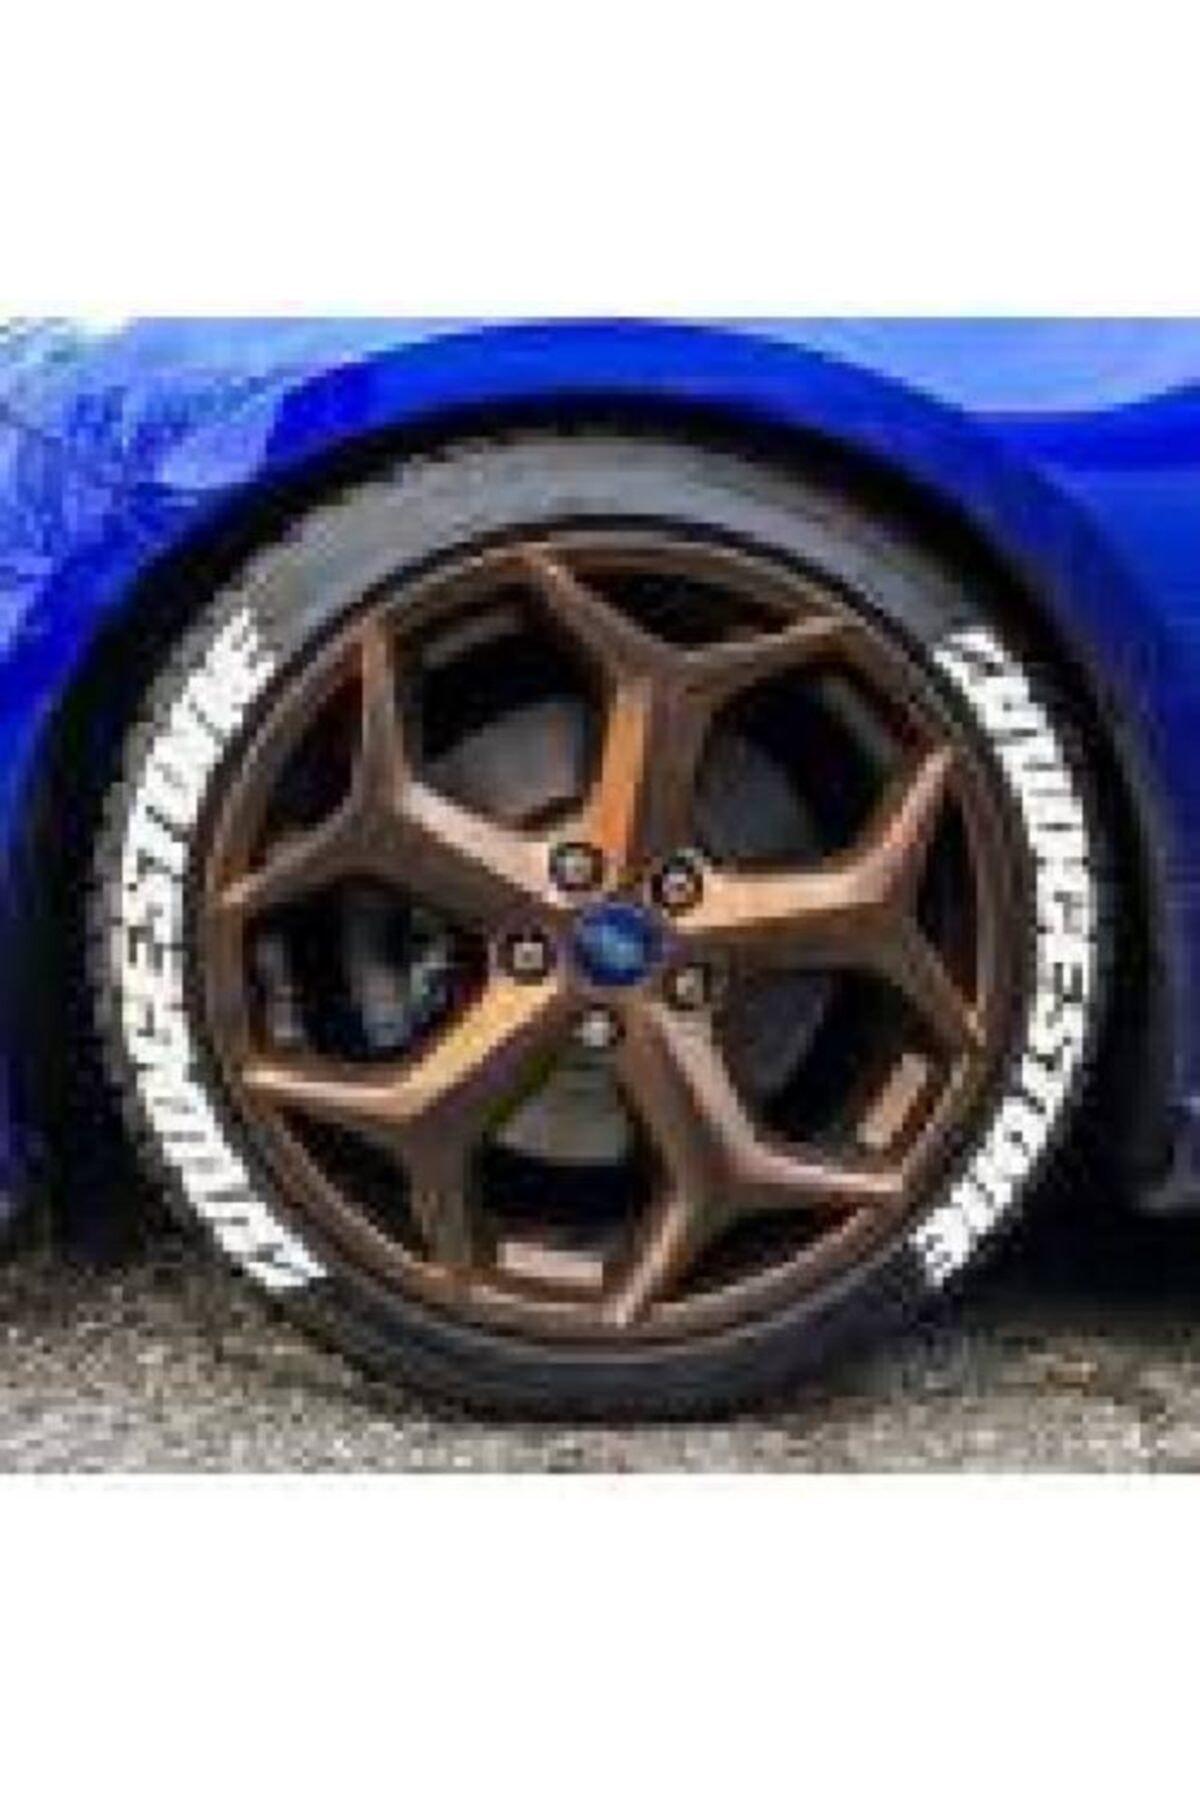 Bridgestone Lastik Yazısı 4x Brıdgestone Orijinal 1.sınıf Kalite Solmaz Araç Motorsiklet Yazı Stiker Seti 1